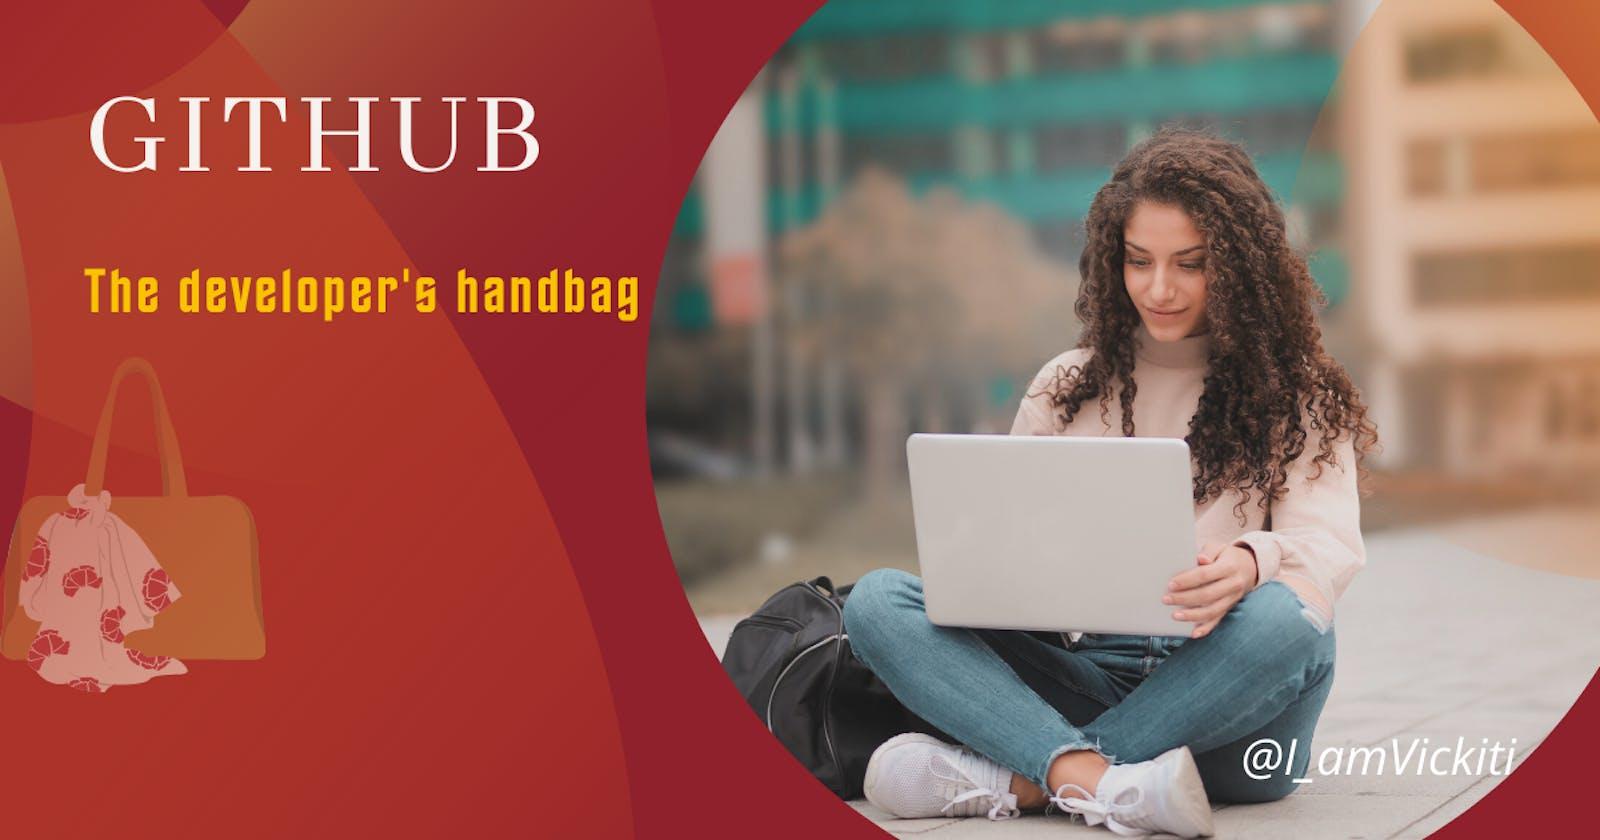 Github - The Developer's Handbag 👜